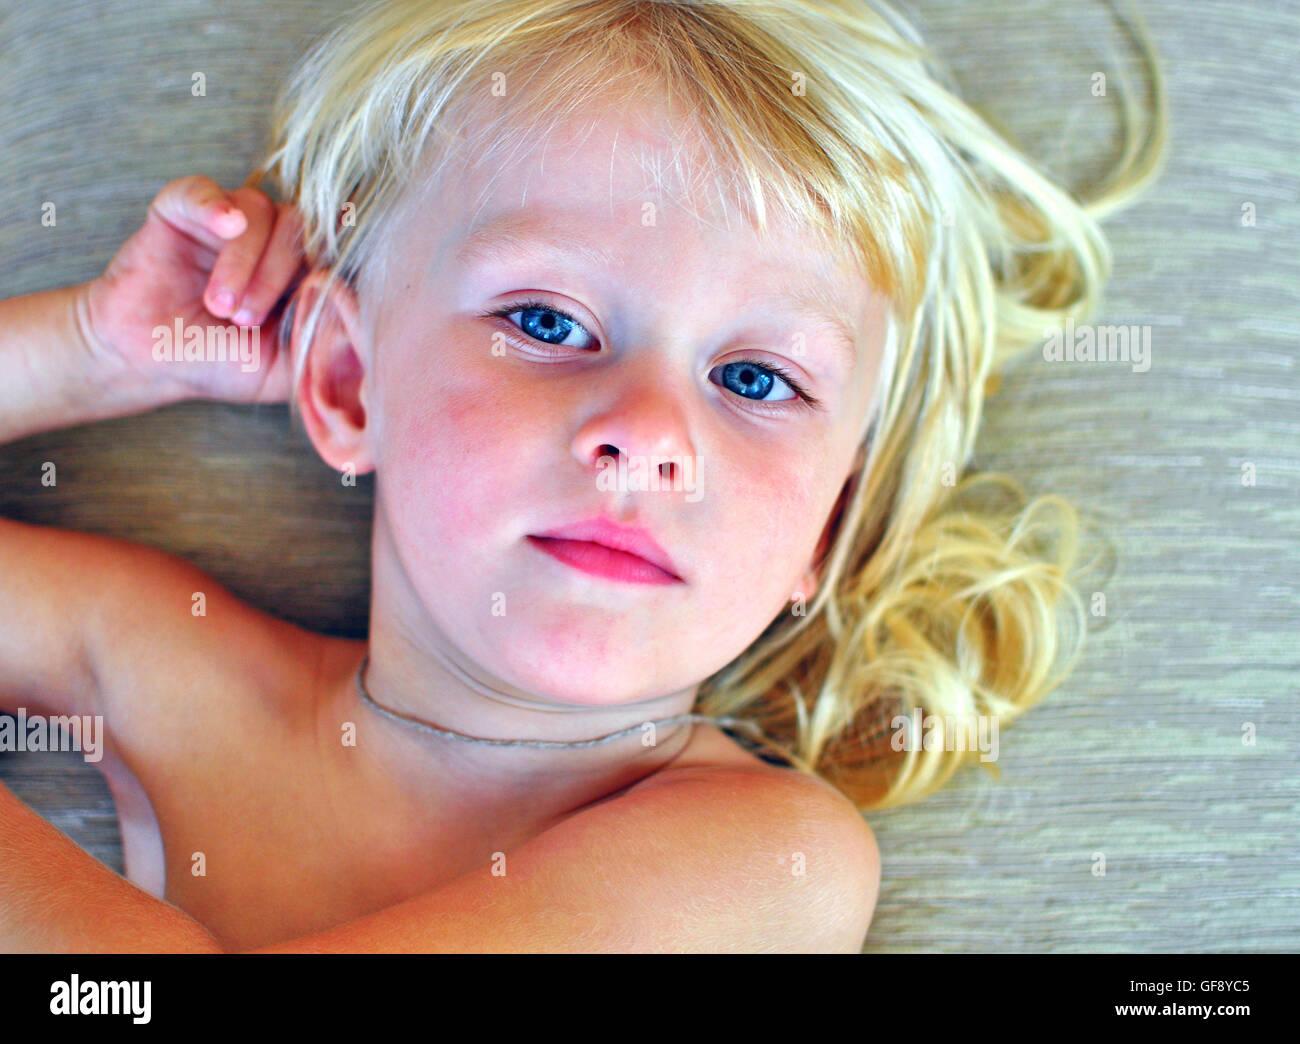 Porträt Eines Kleinen Jungen Mit Langen Blonden Haaren Stockfoto